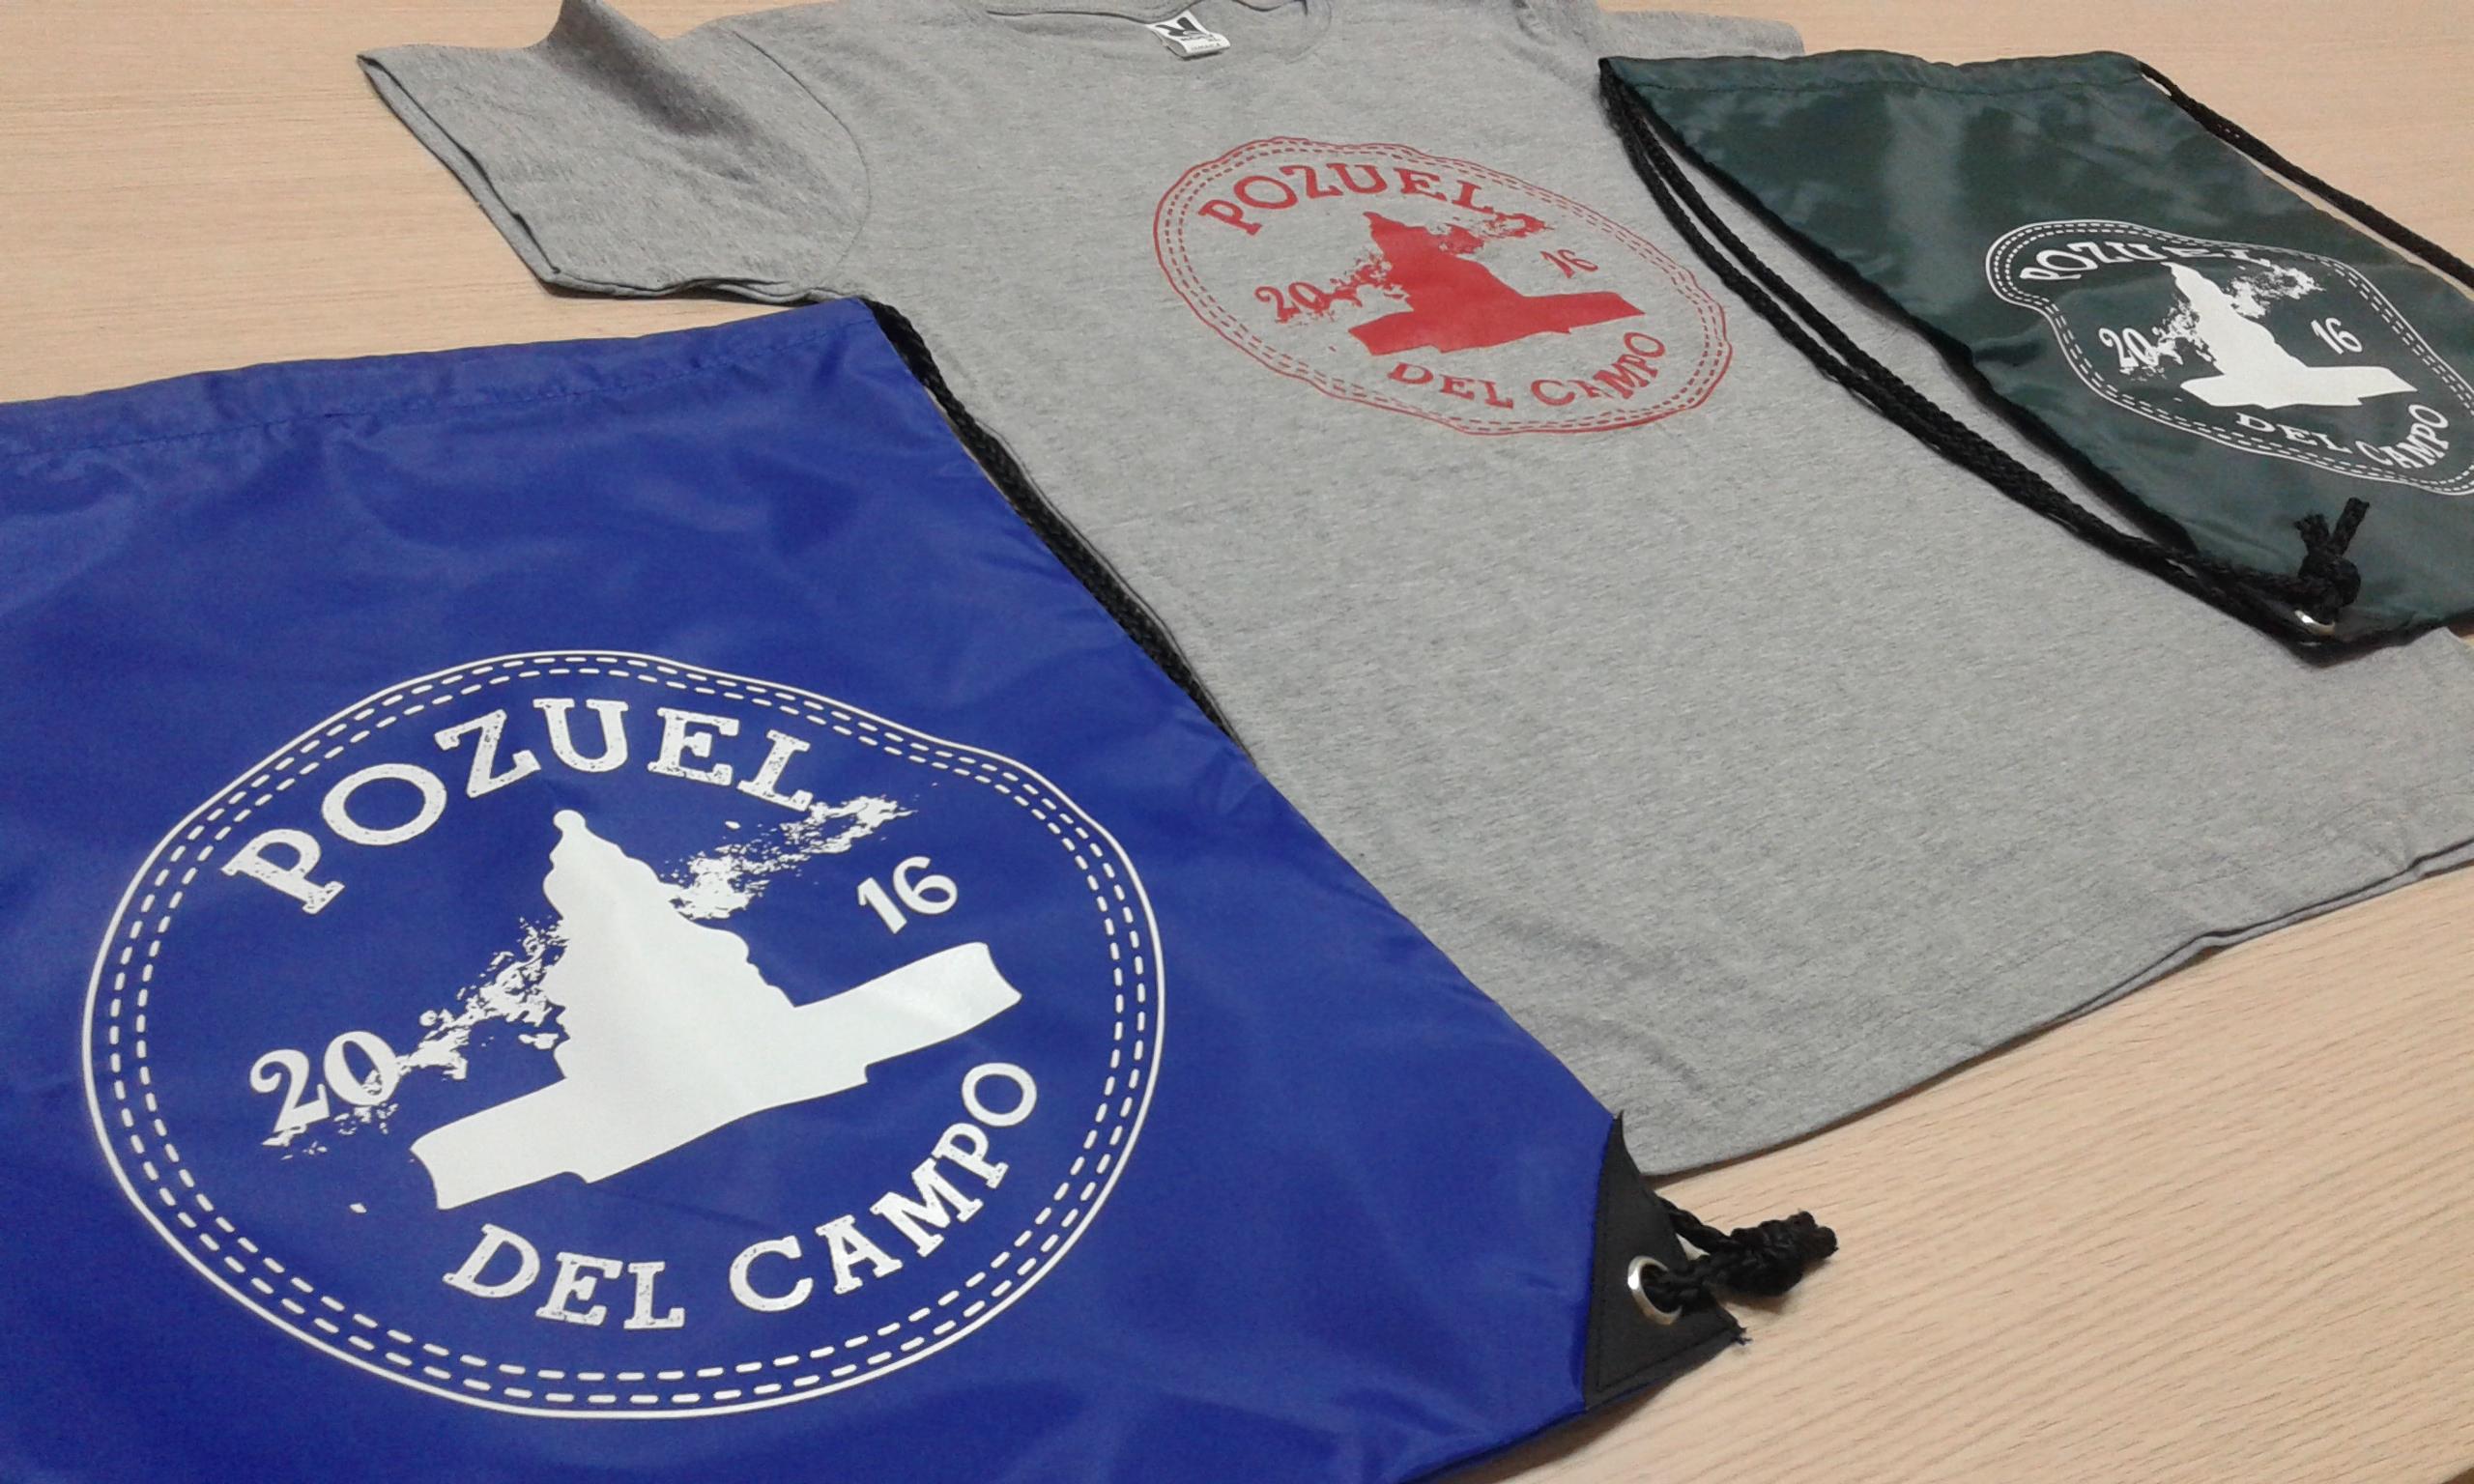 camisetas y bolsas personalizadas